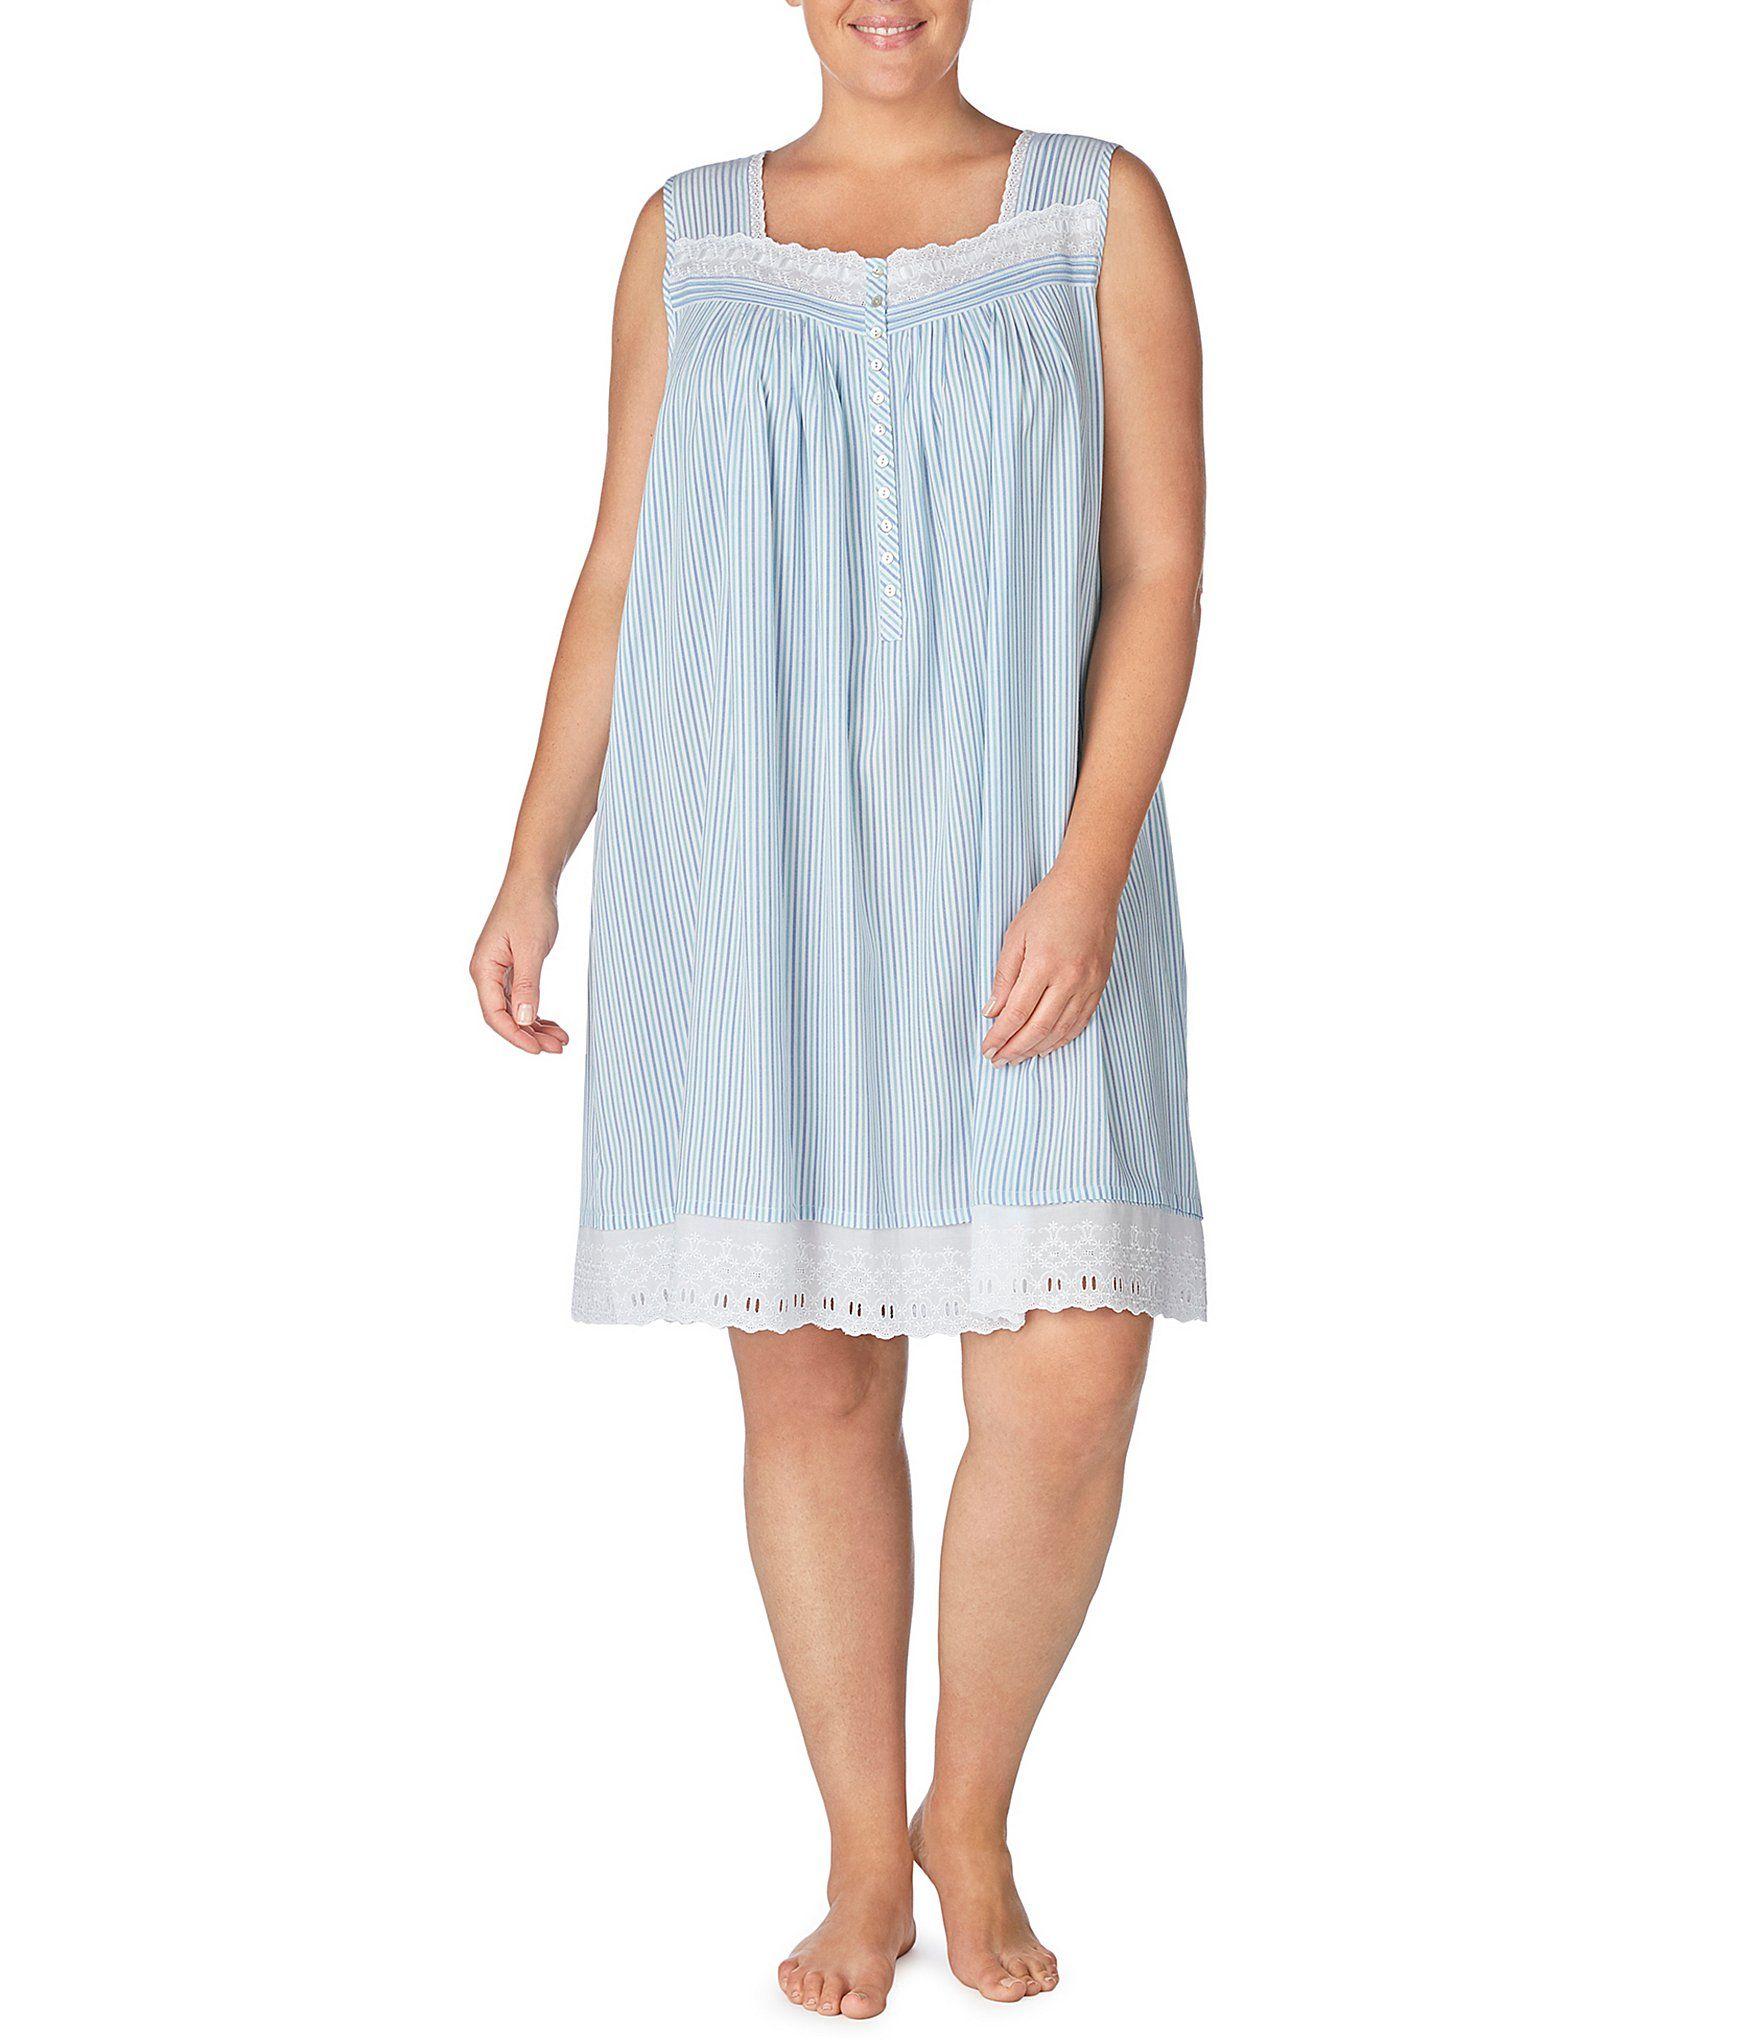 Eileen West Plus Yarn-Dye Striped Print Rayon Short Nightgown - Multi 3X